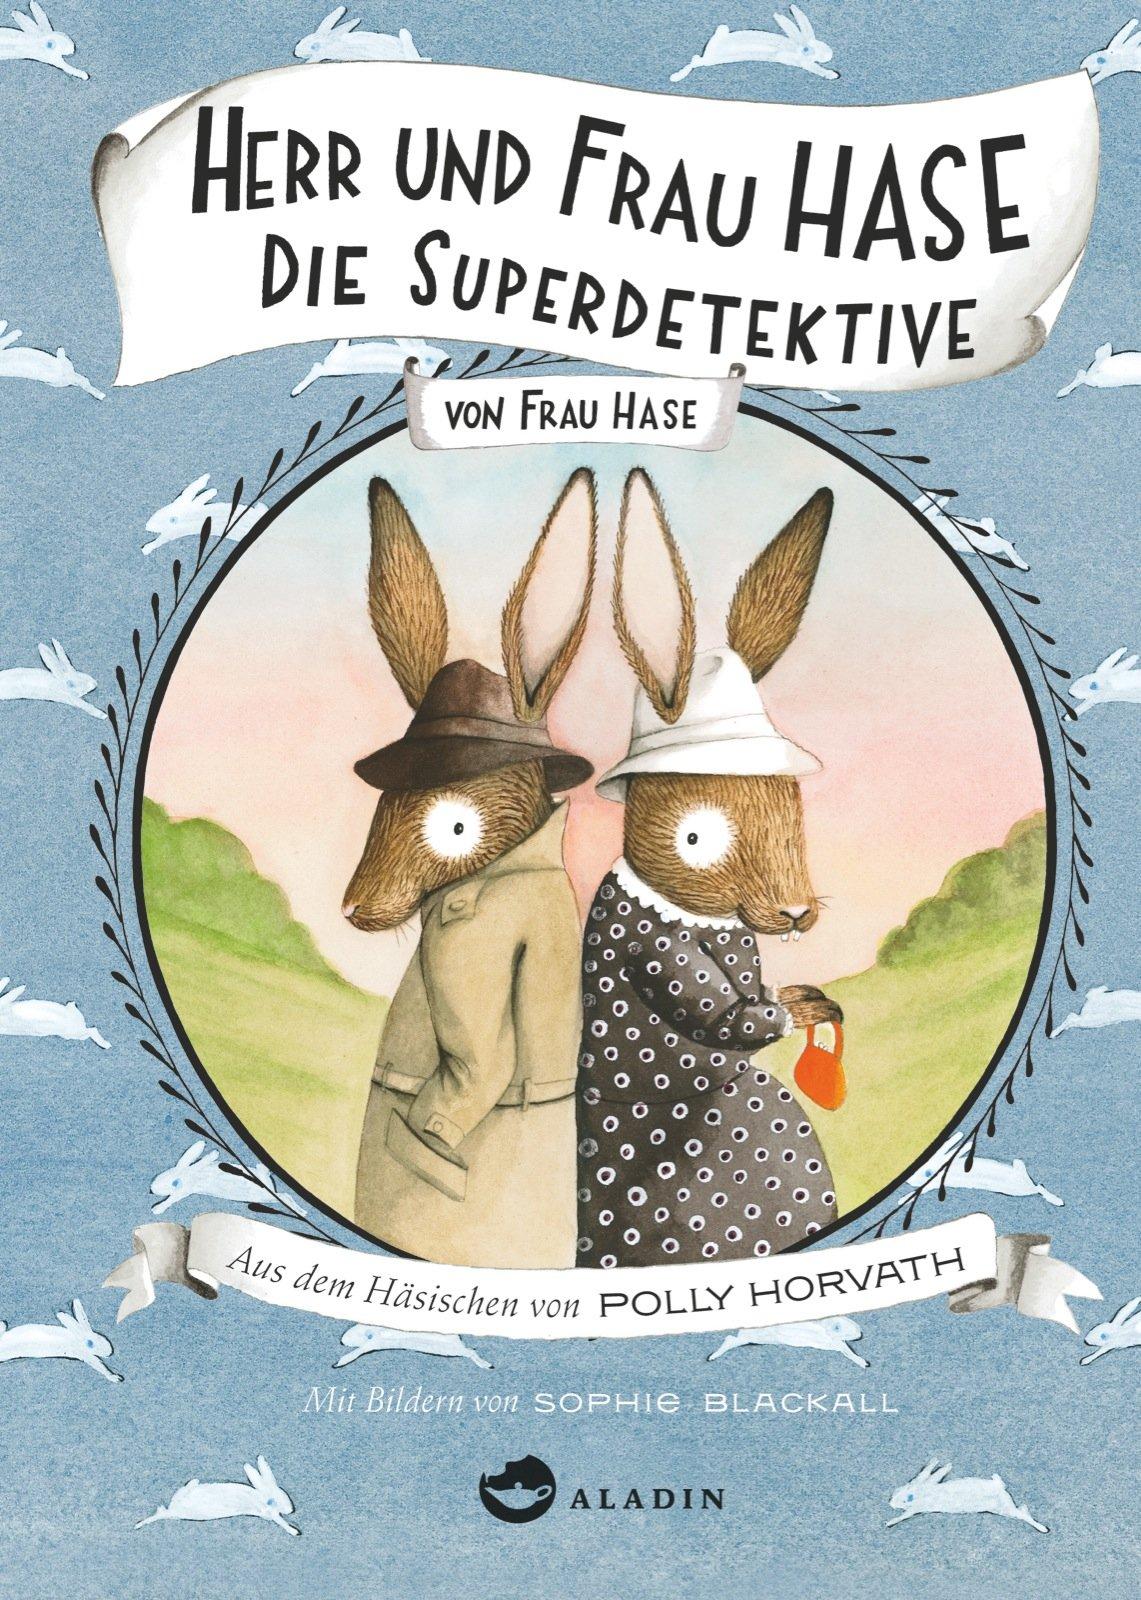 herr-und-frau-hase-die-superdetektive